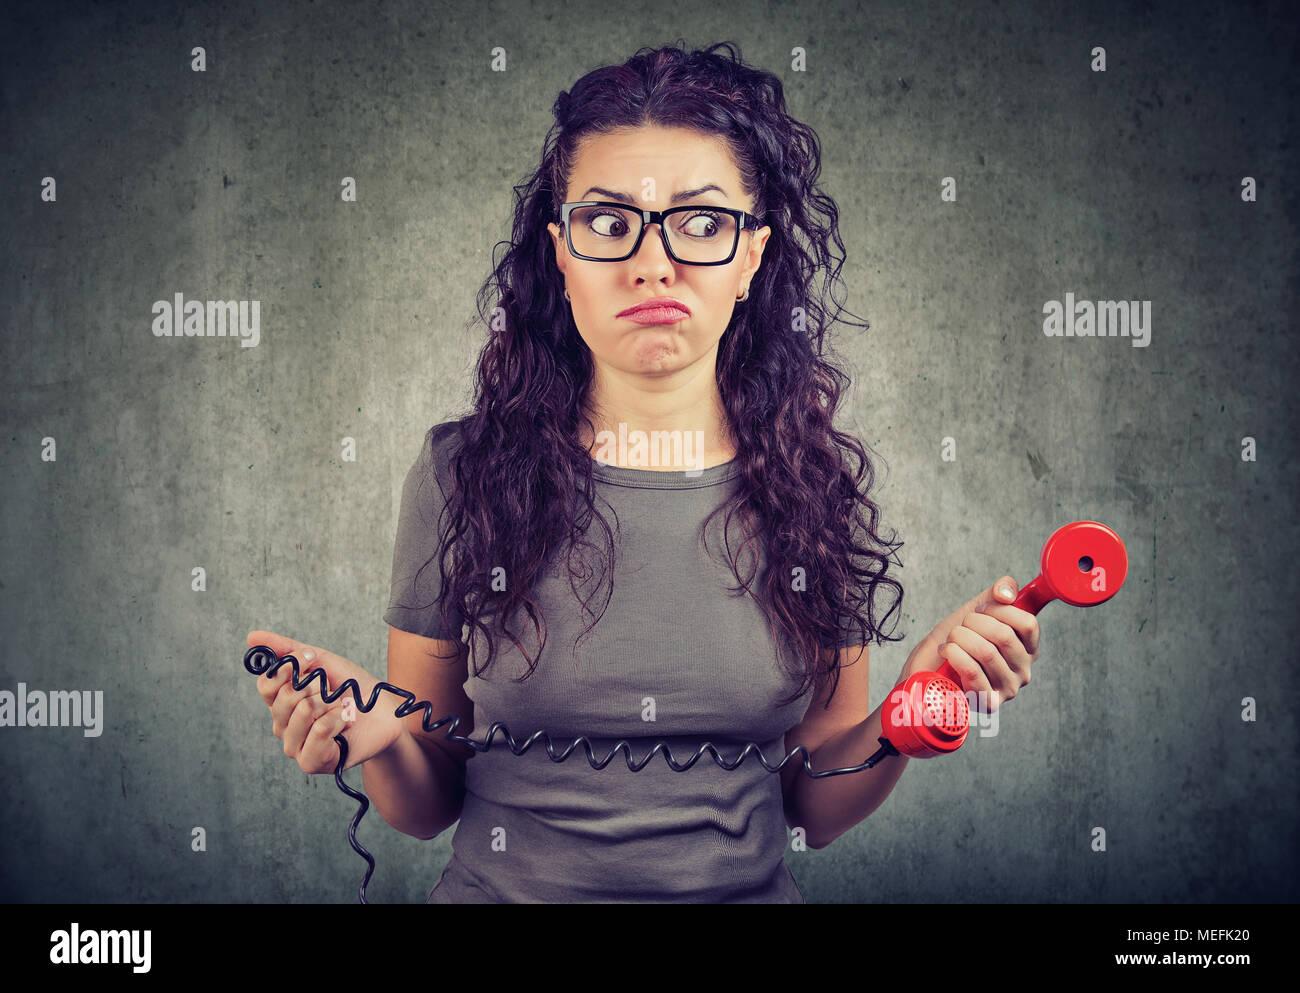 Mujer joven mirando con desconcierto la celebración antiguo teléfono rojo. Imagen De Stock